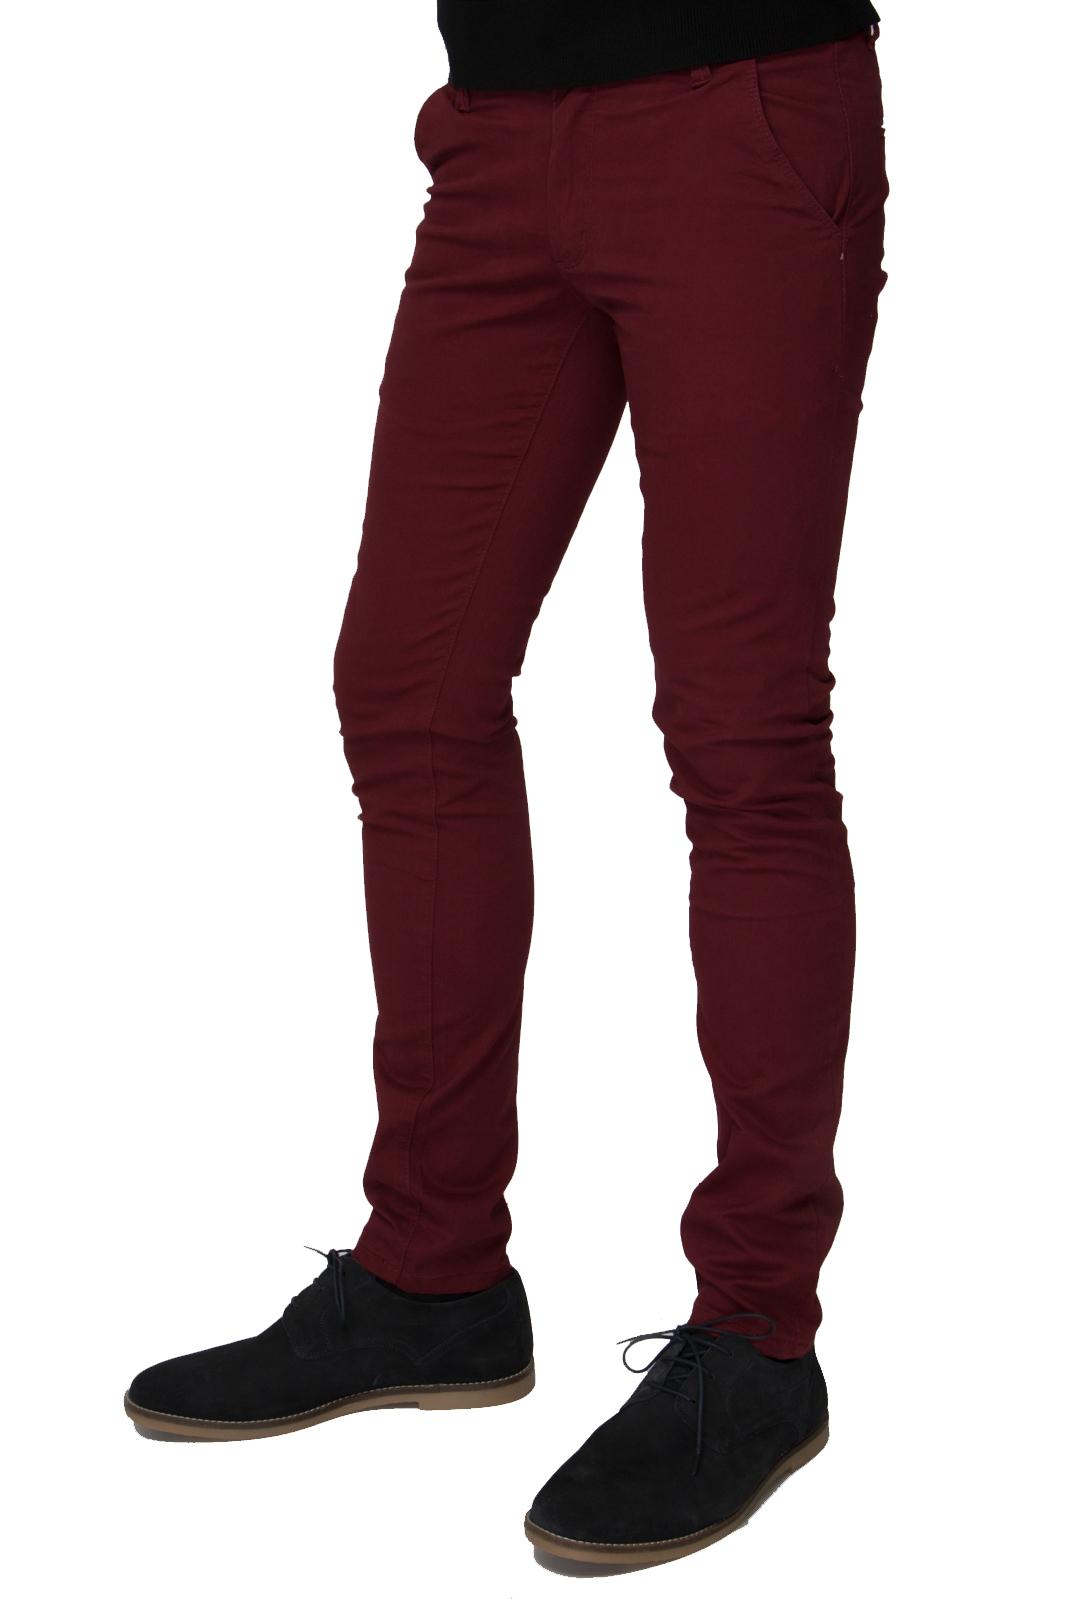 Βαμβακερό Παντελόνι Τσίνο Skinny Fit - Μπορντό ανδρικά   παντελόνια   υφασμάτινα casual